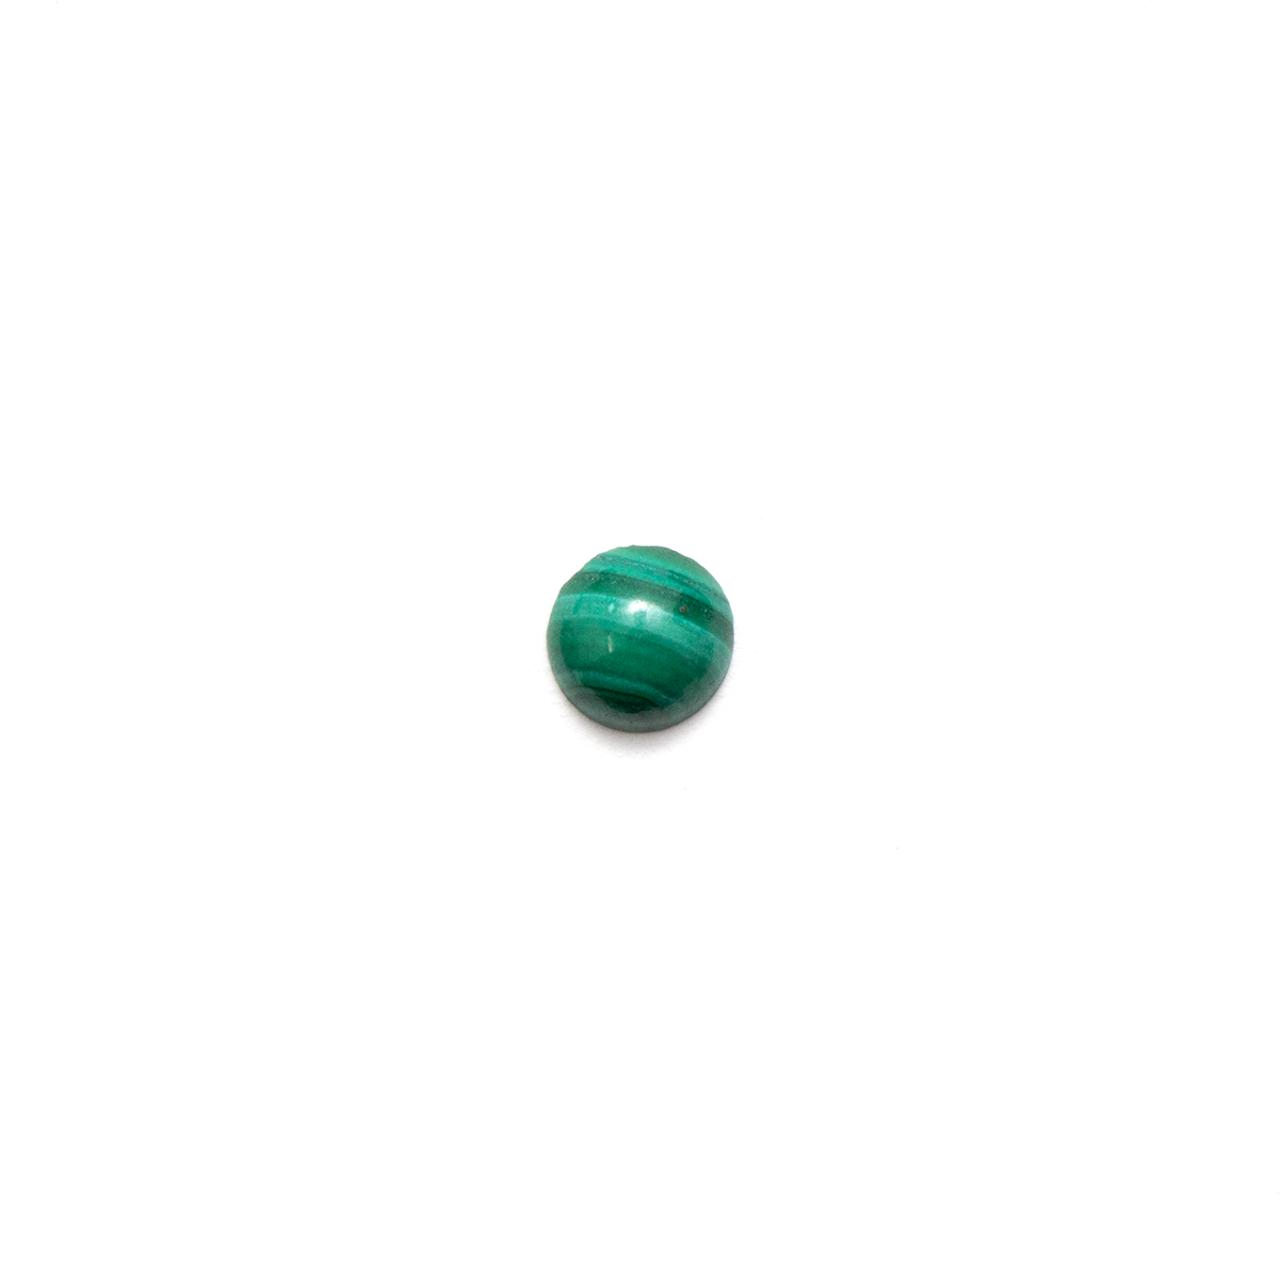 Round Cabochon - Malachite - 3mm